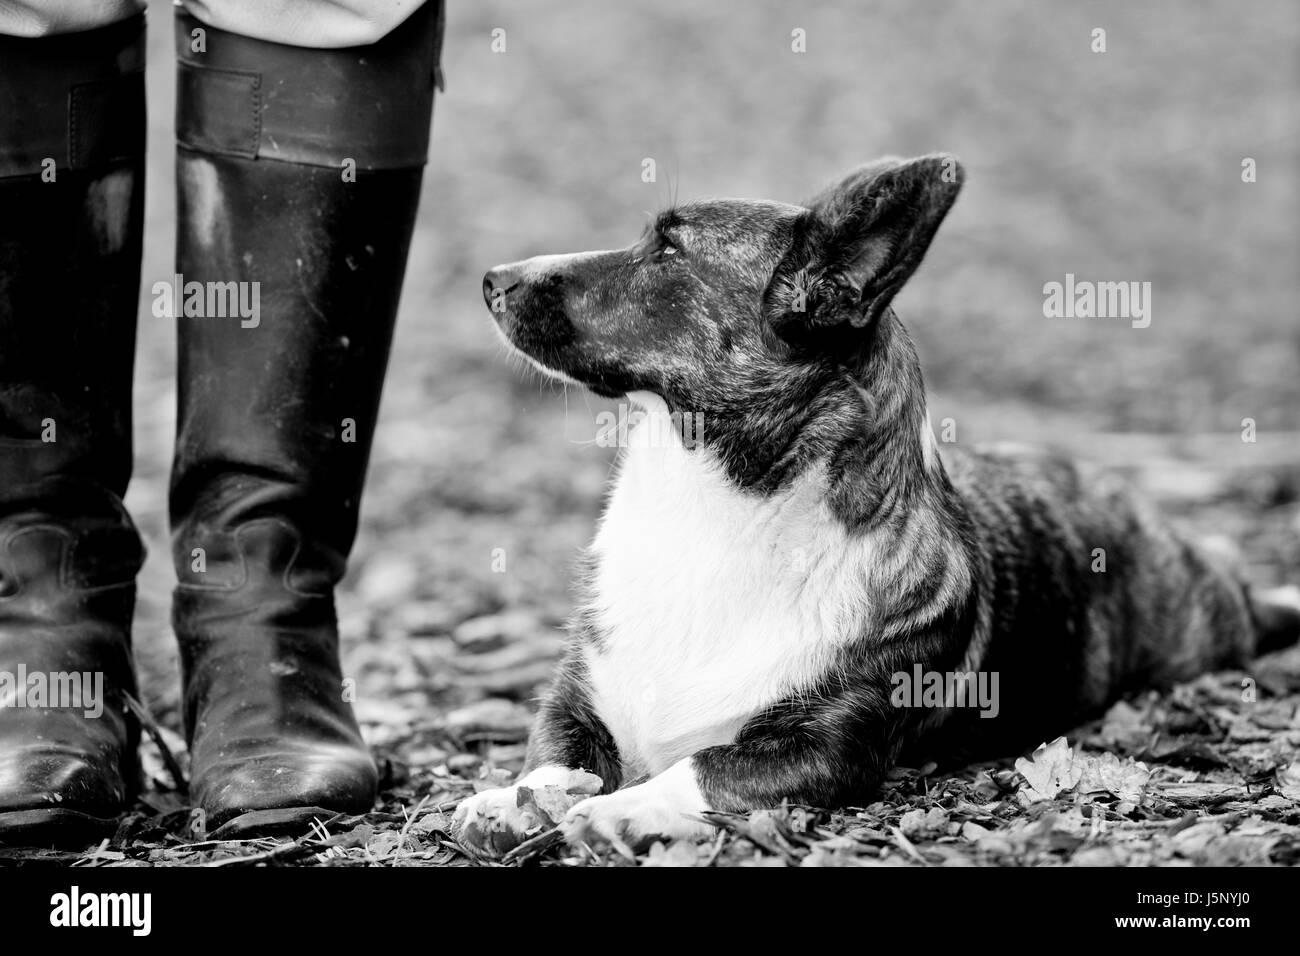 Inicio retrato cazador animal vigilante bw swarthy jetblack negro blanco negro profundo Foto de stock